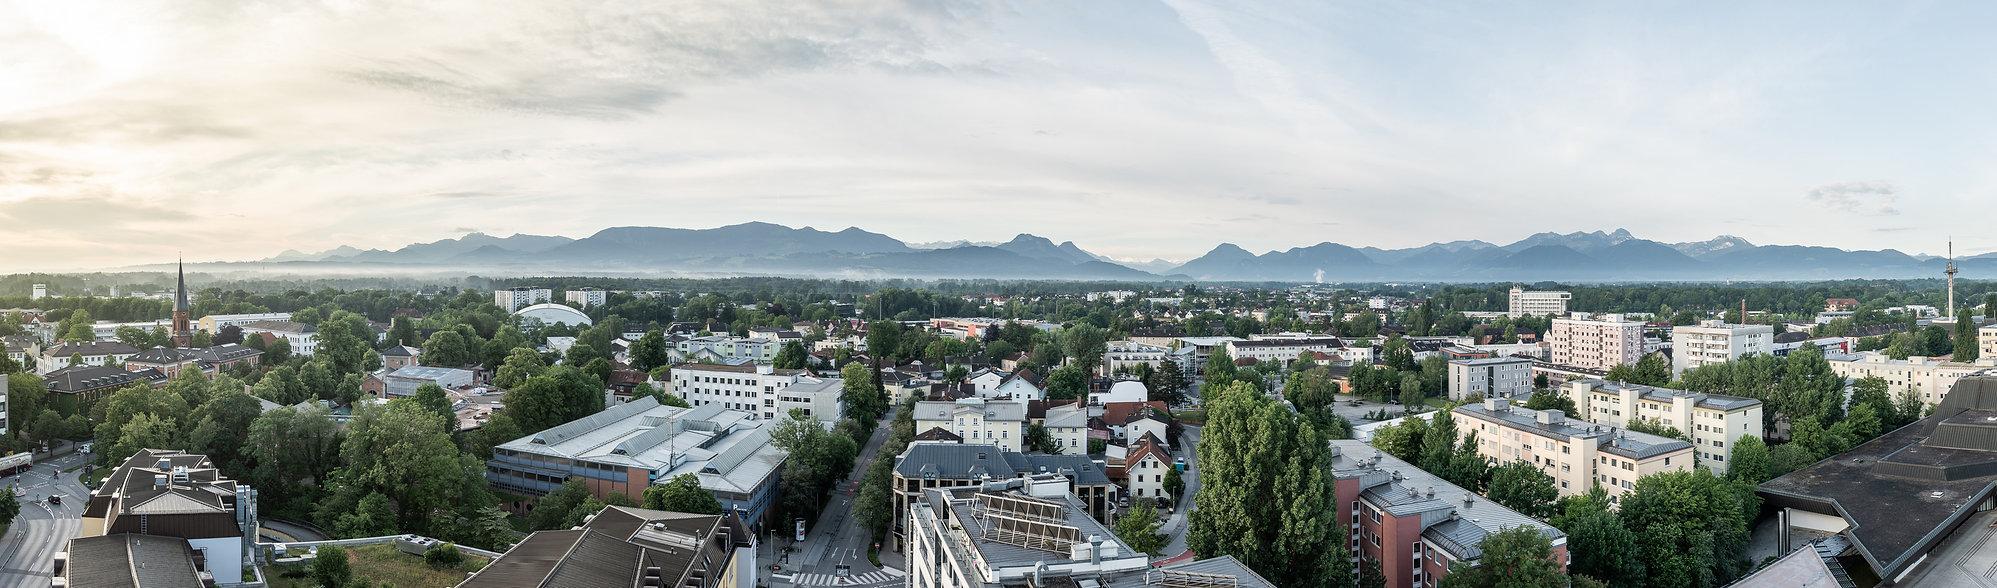 Rosenheim-Panorama-B90.jpg